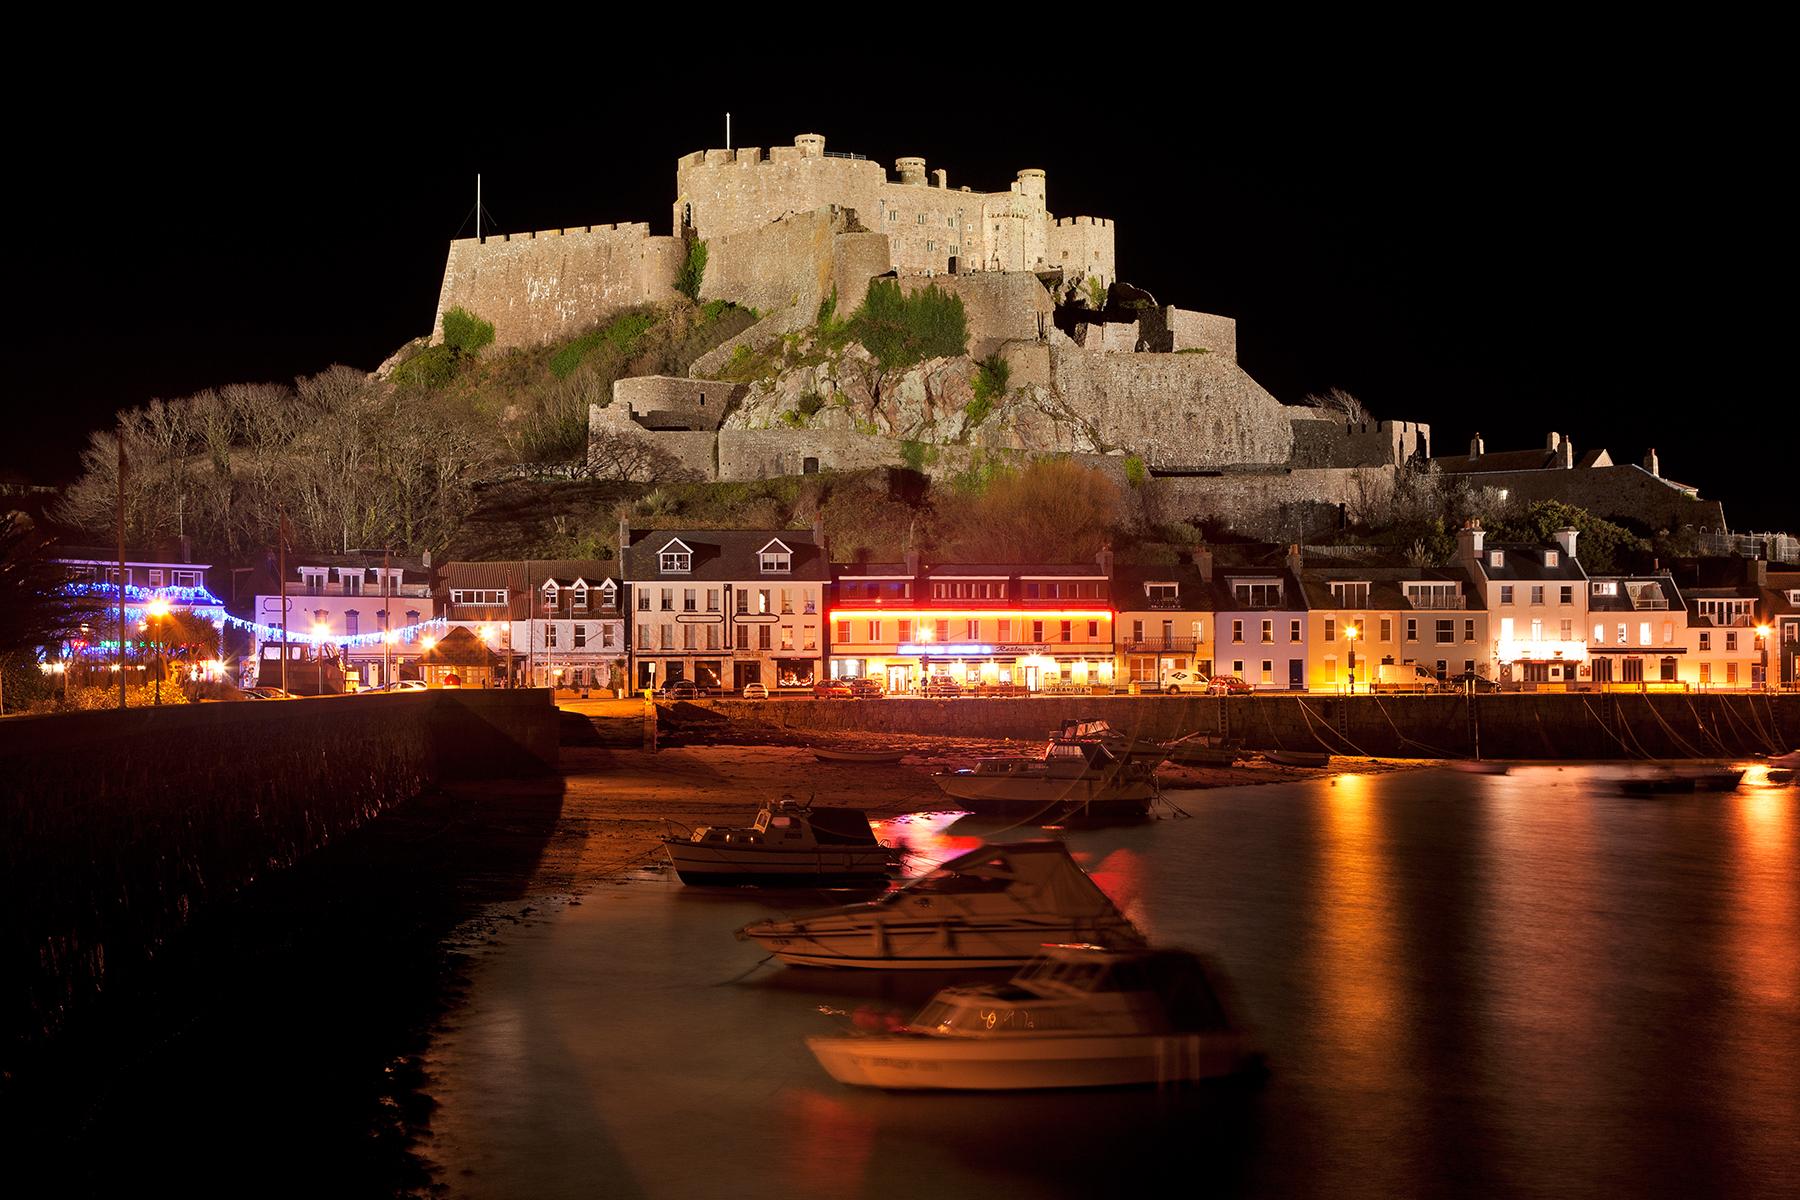 Jersey night castle - mont orgueil photo